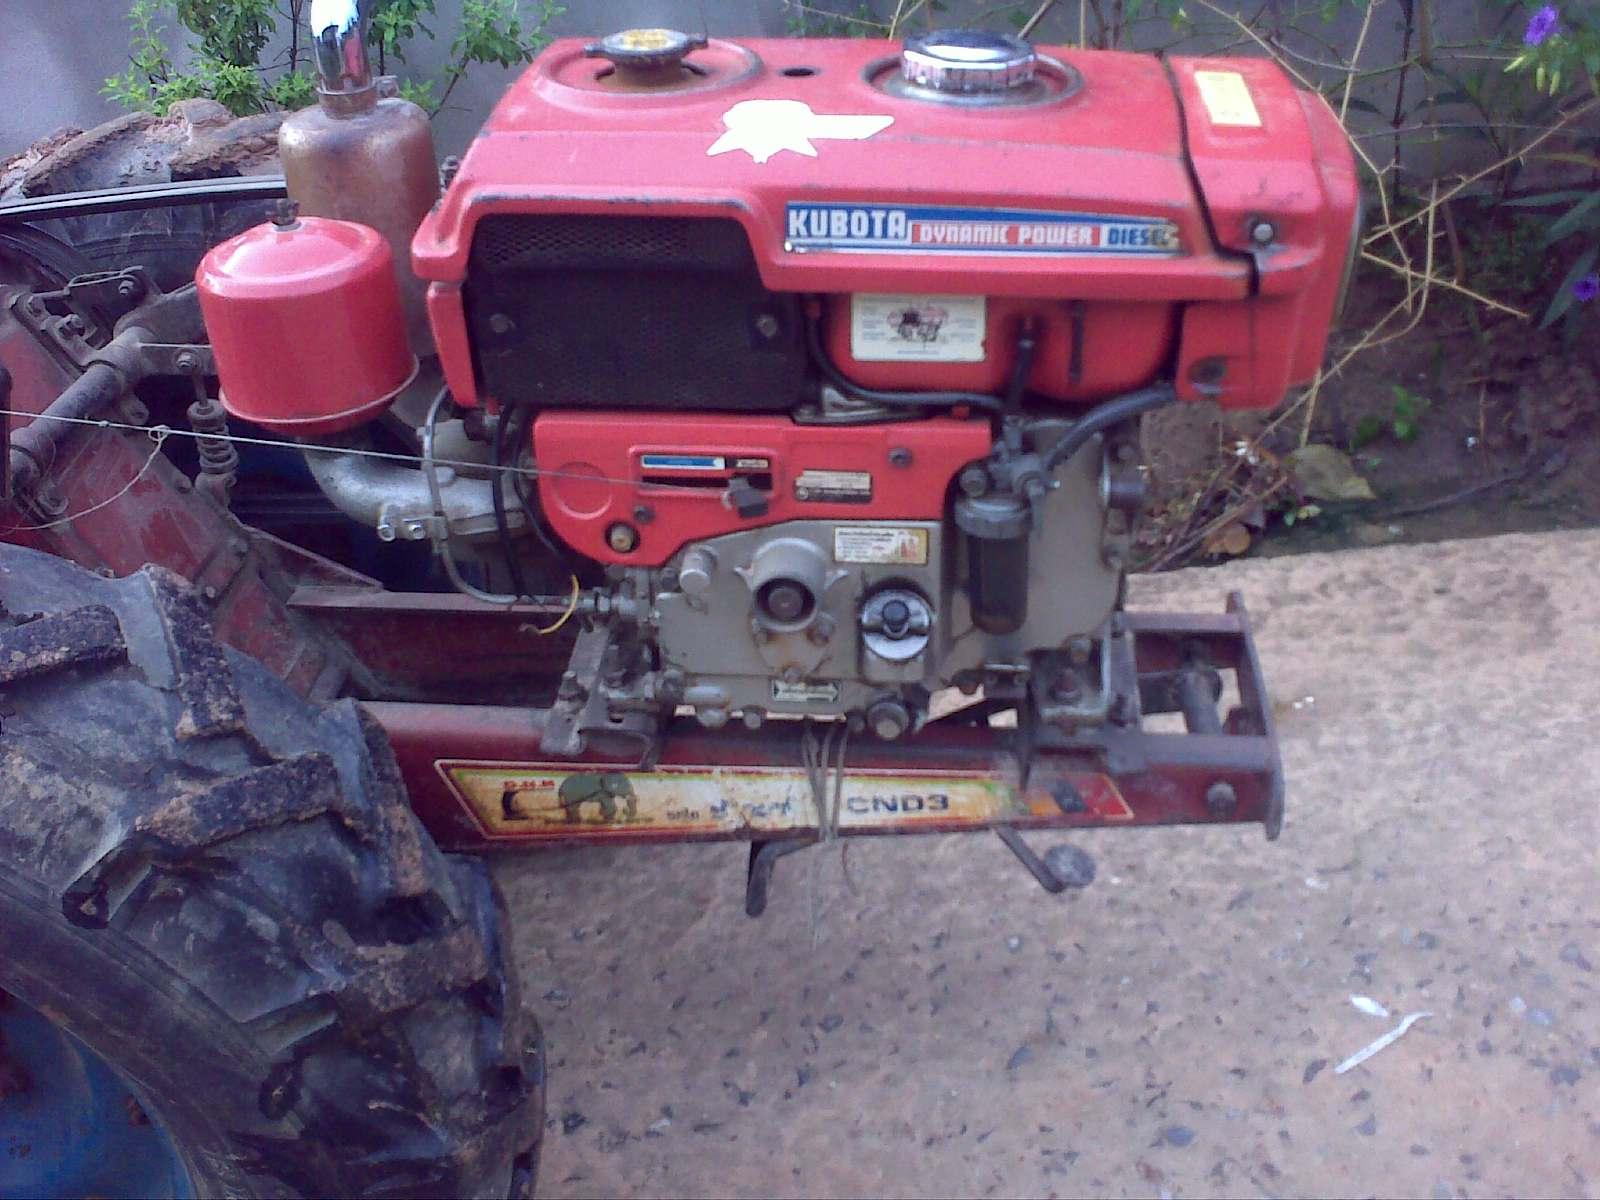 Thailand trip - 2012 /static/Thailand/09032012818.jpg